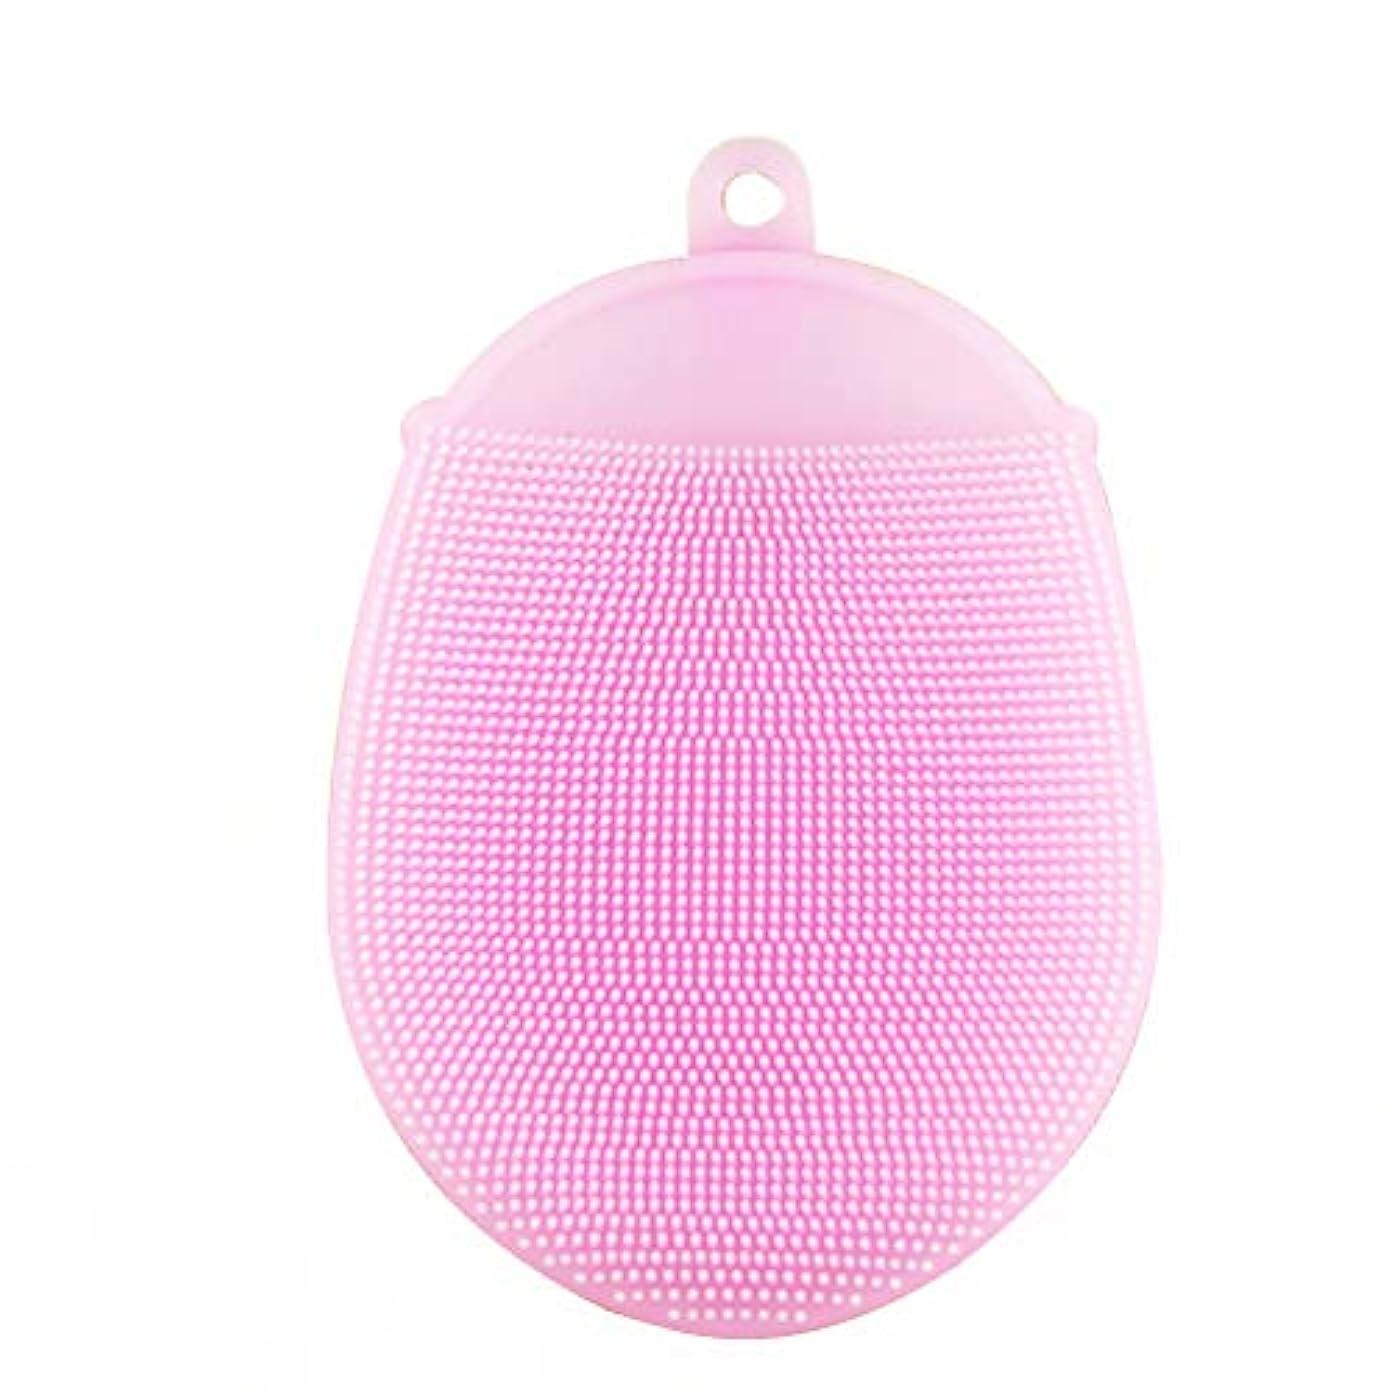 虐待狂った簡潔なHealifty シリコンボディ入浴ブラシフェイスクレンザーブラシパッドシャワースクラバー手袋2本(ピンク)